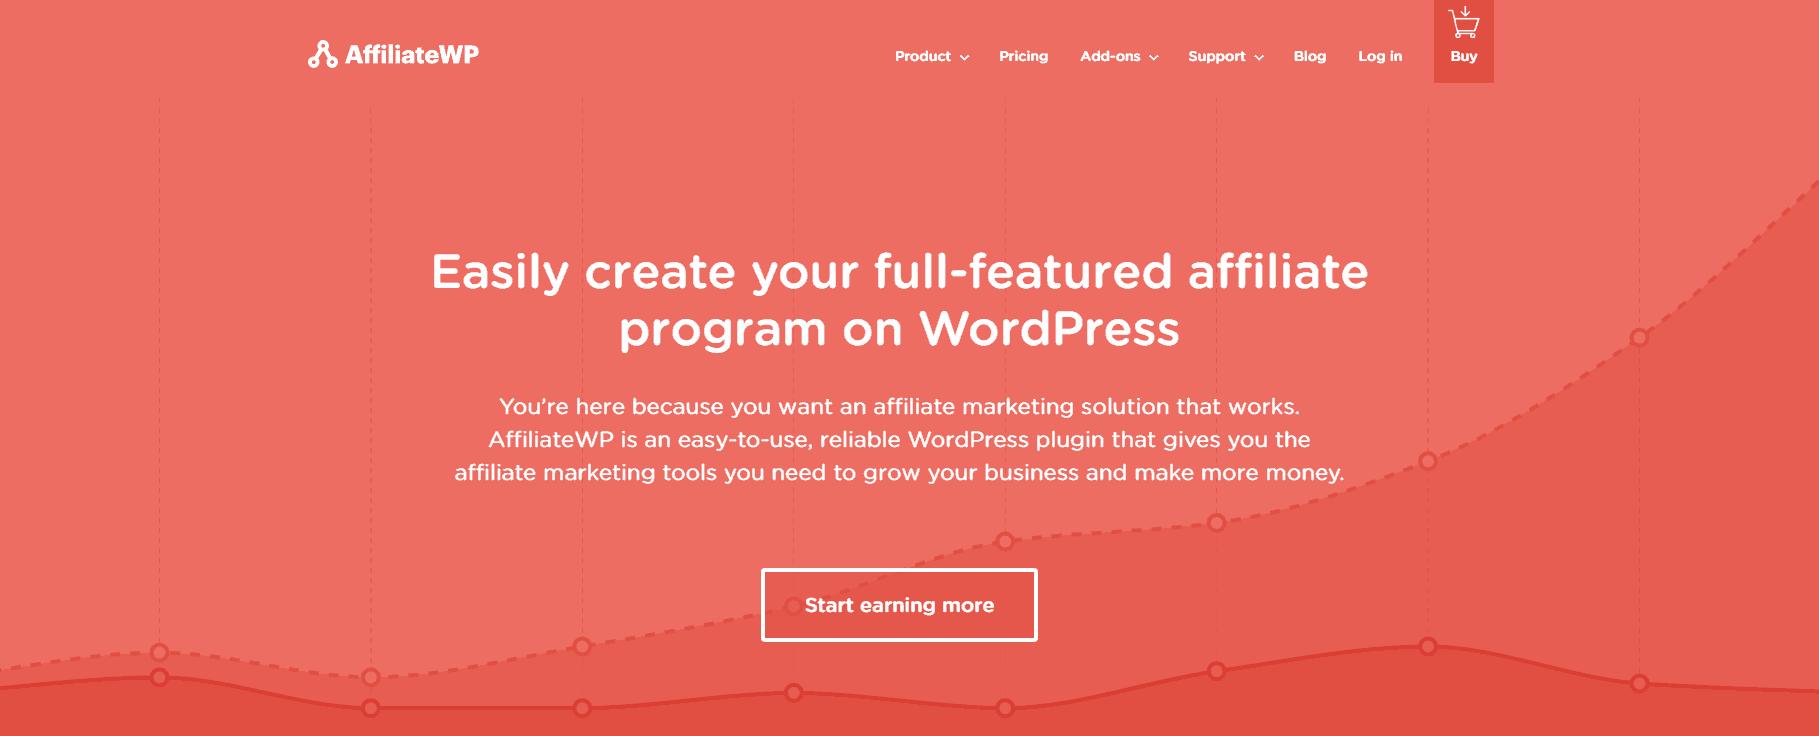 The AffiliateWP WordPress plugin.